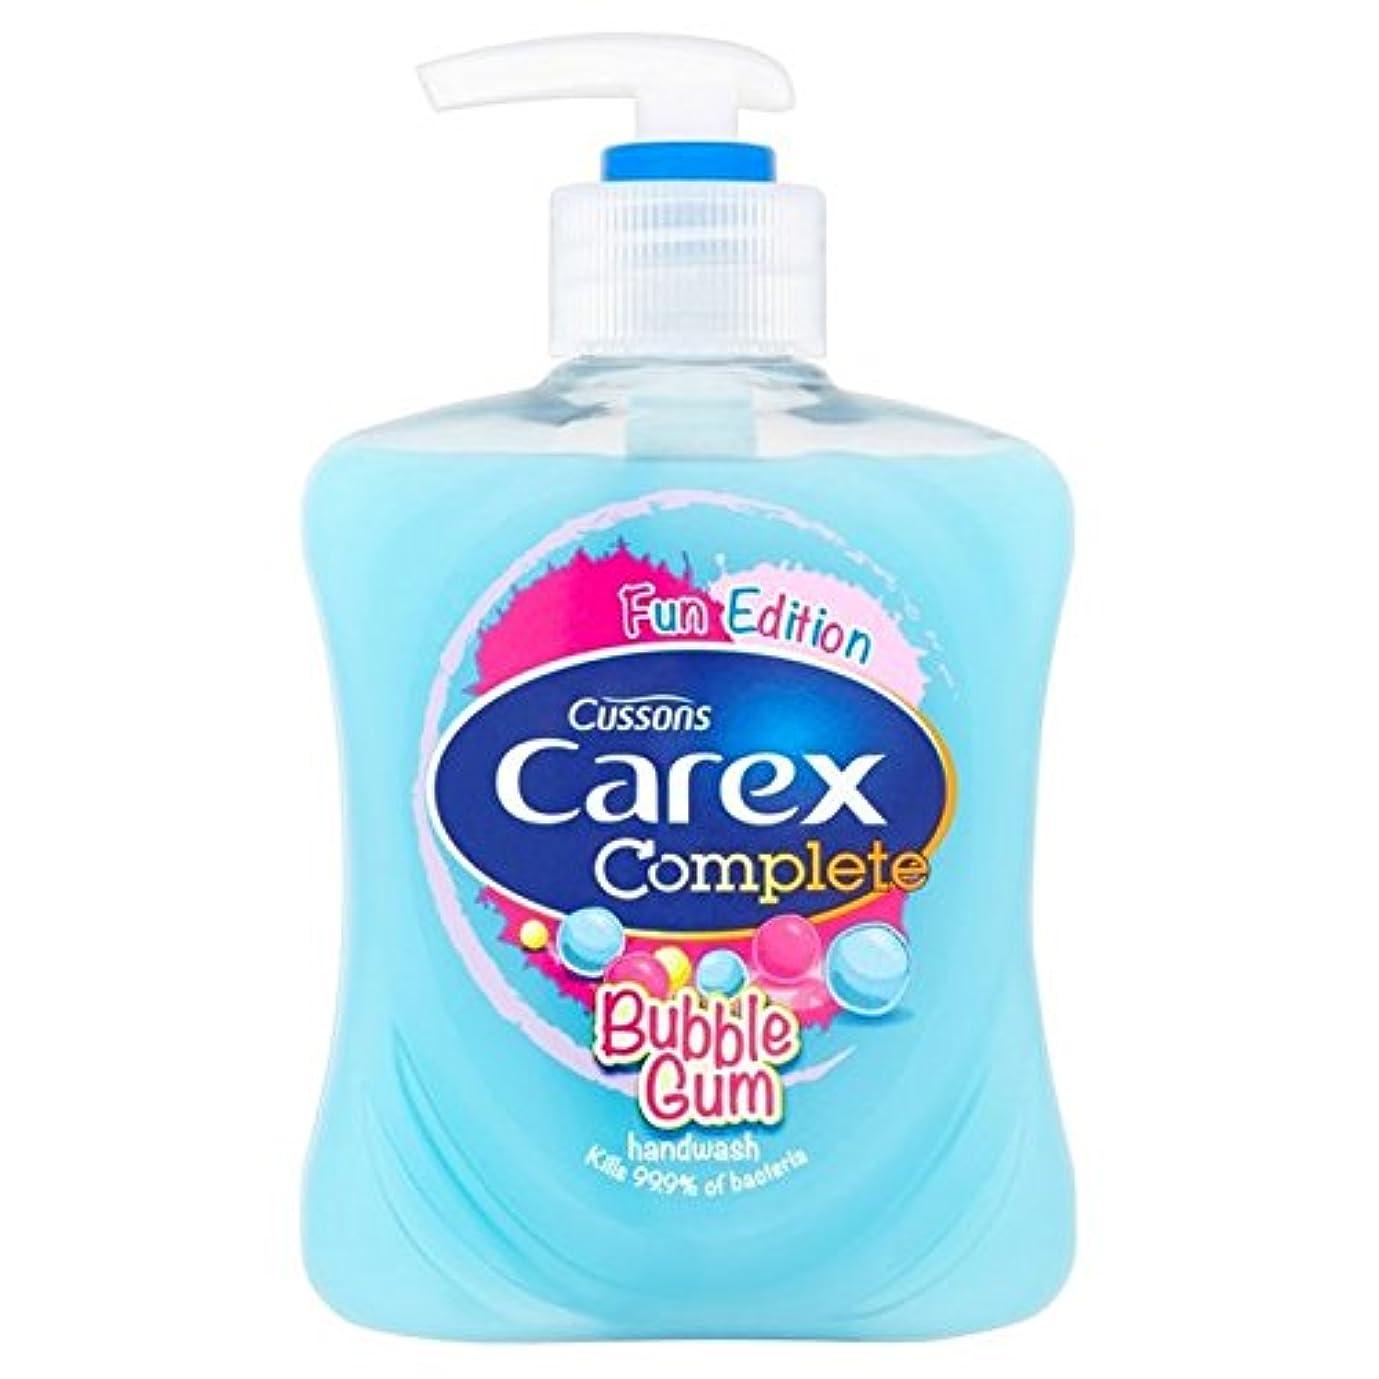 審判病者酔うCarex Kids Handwash Bubblegum 250ml - スゲ子供手洗いバブルガムの250ミリリットル [並行輸入品]